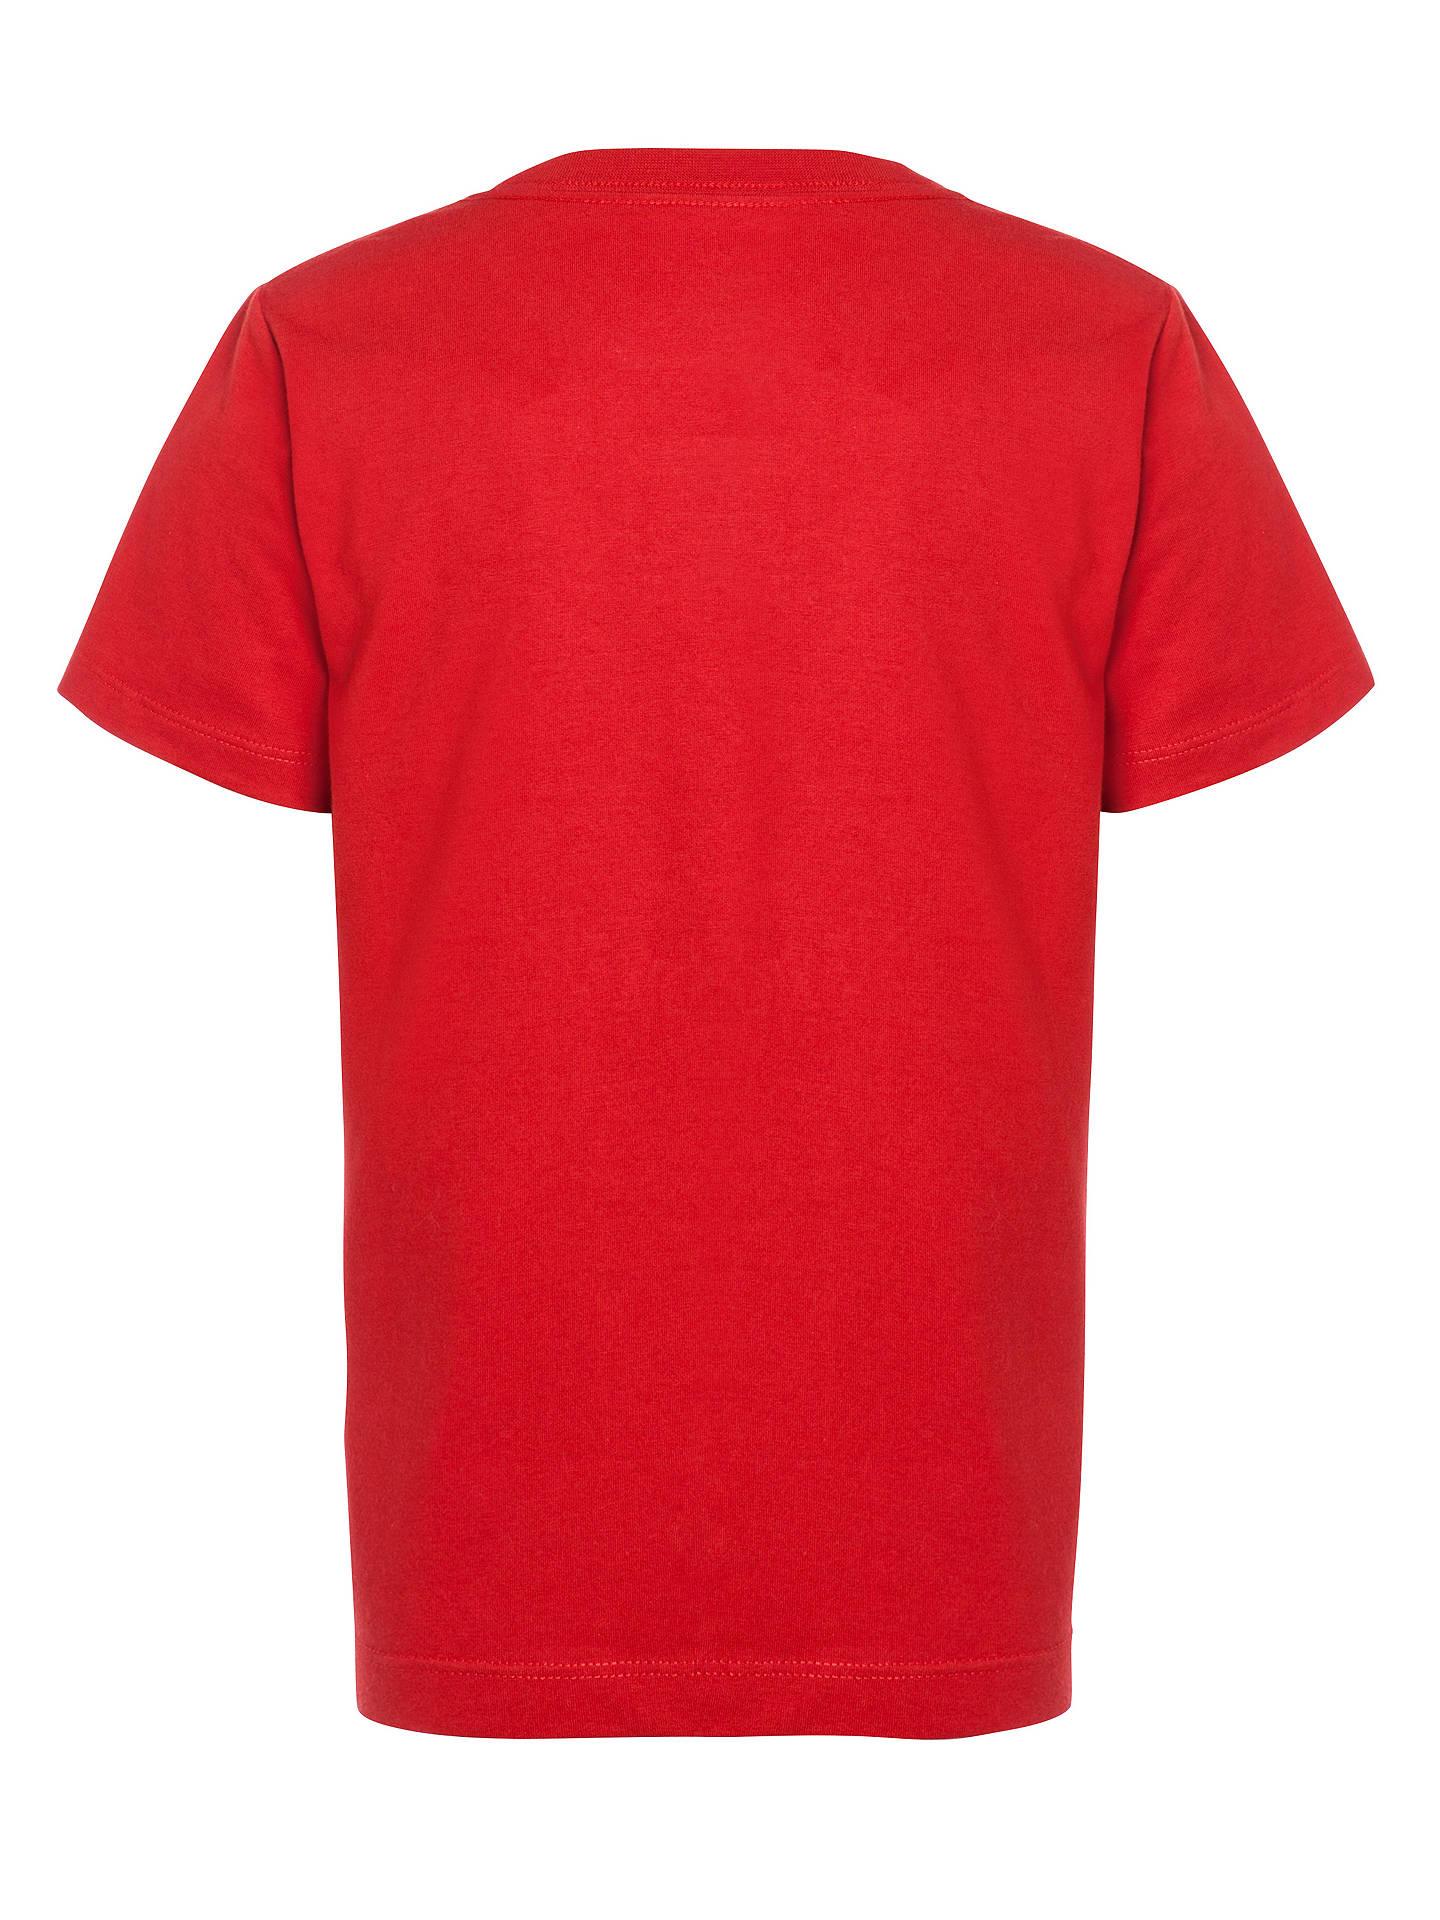 bb06a1a607e7 ... Buy Converse Boys  Chuck Taylor Logo T-Shirt